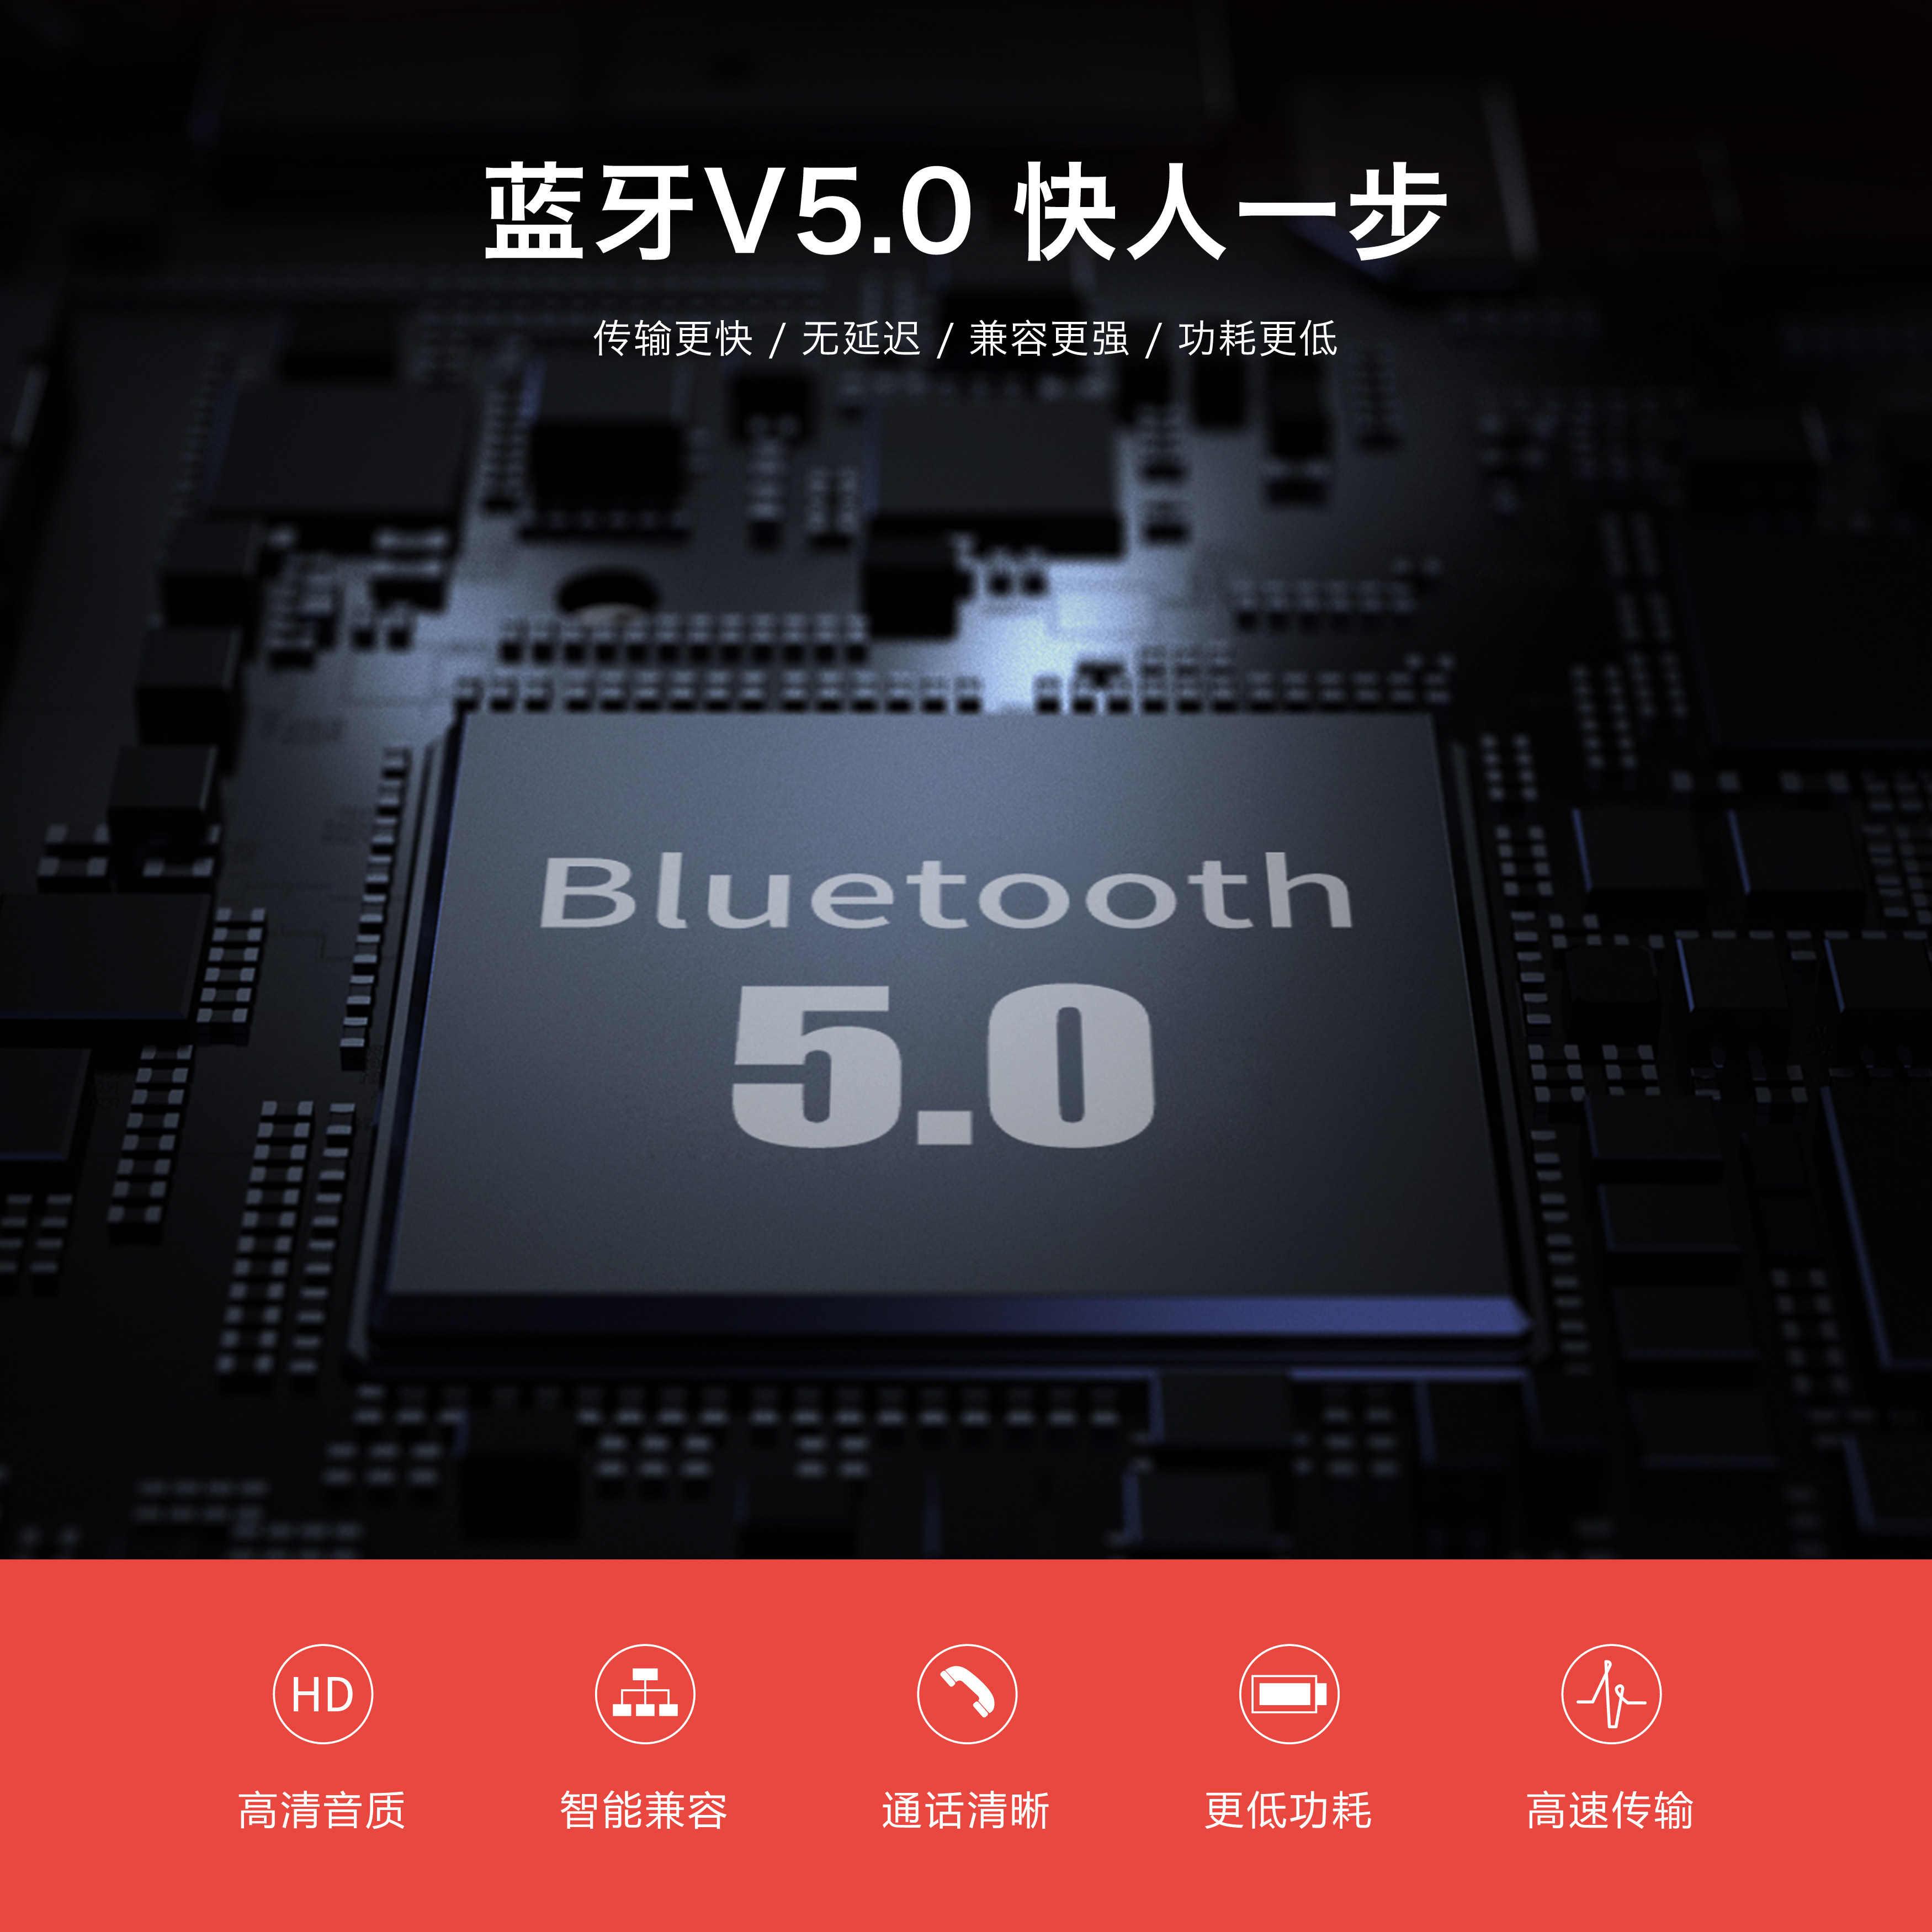 جديد الرياضة اللاسلكية سماعة رأس بلوتوث BT5.0 IPX4 للماء الأزياء في الأذن سماعة ل Xiaomi هواوي فون